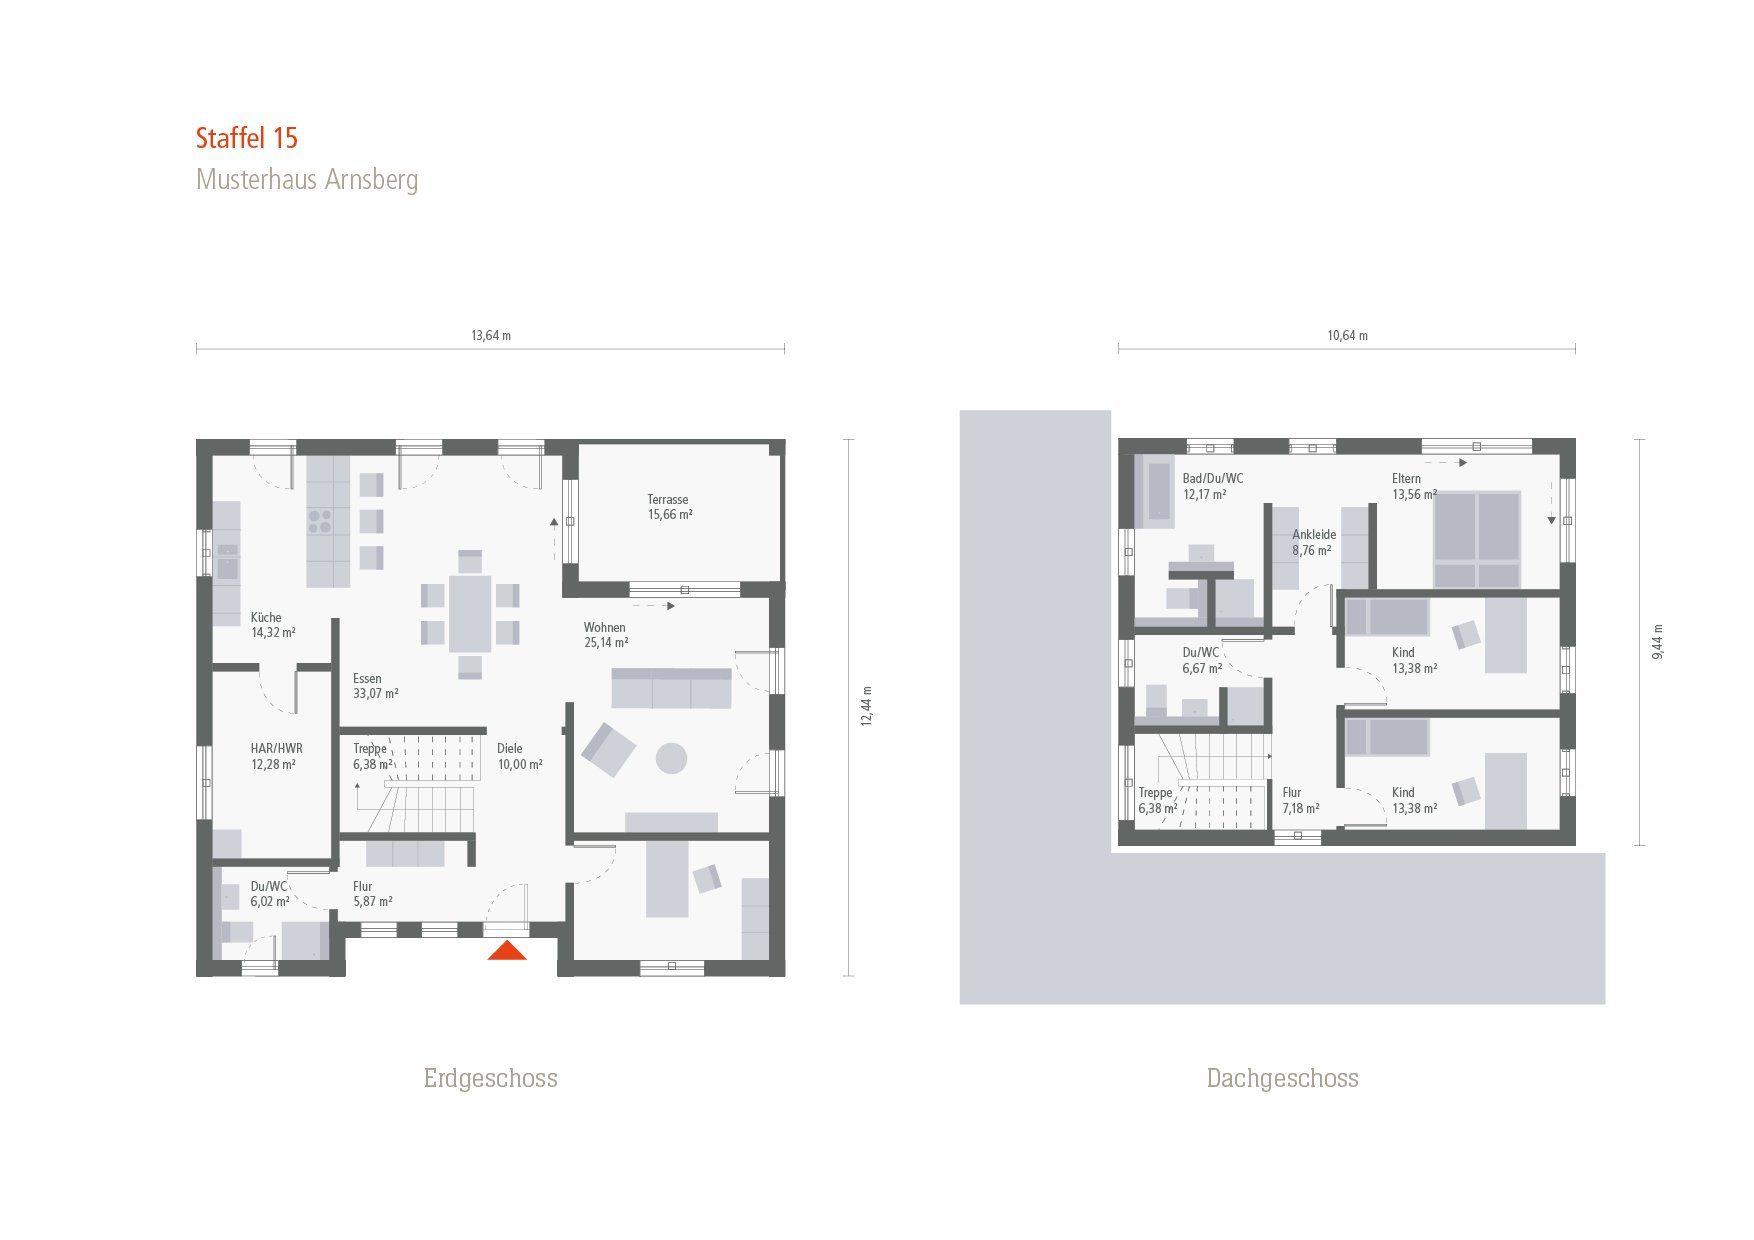 Musterhaus Arnsberg - Ein Screenshot eines Handys - Gebäudeplan